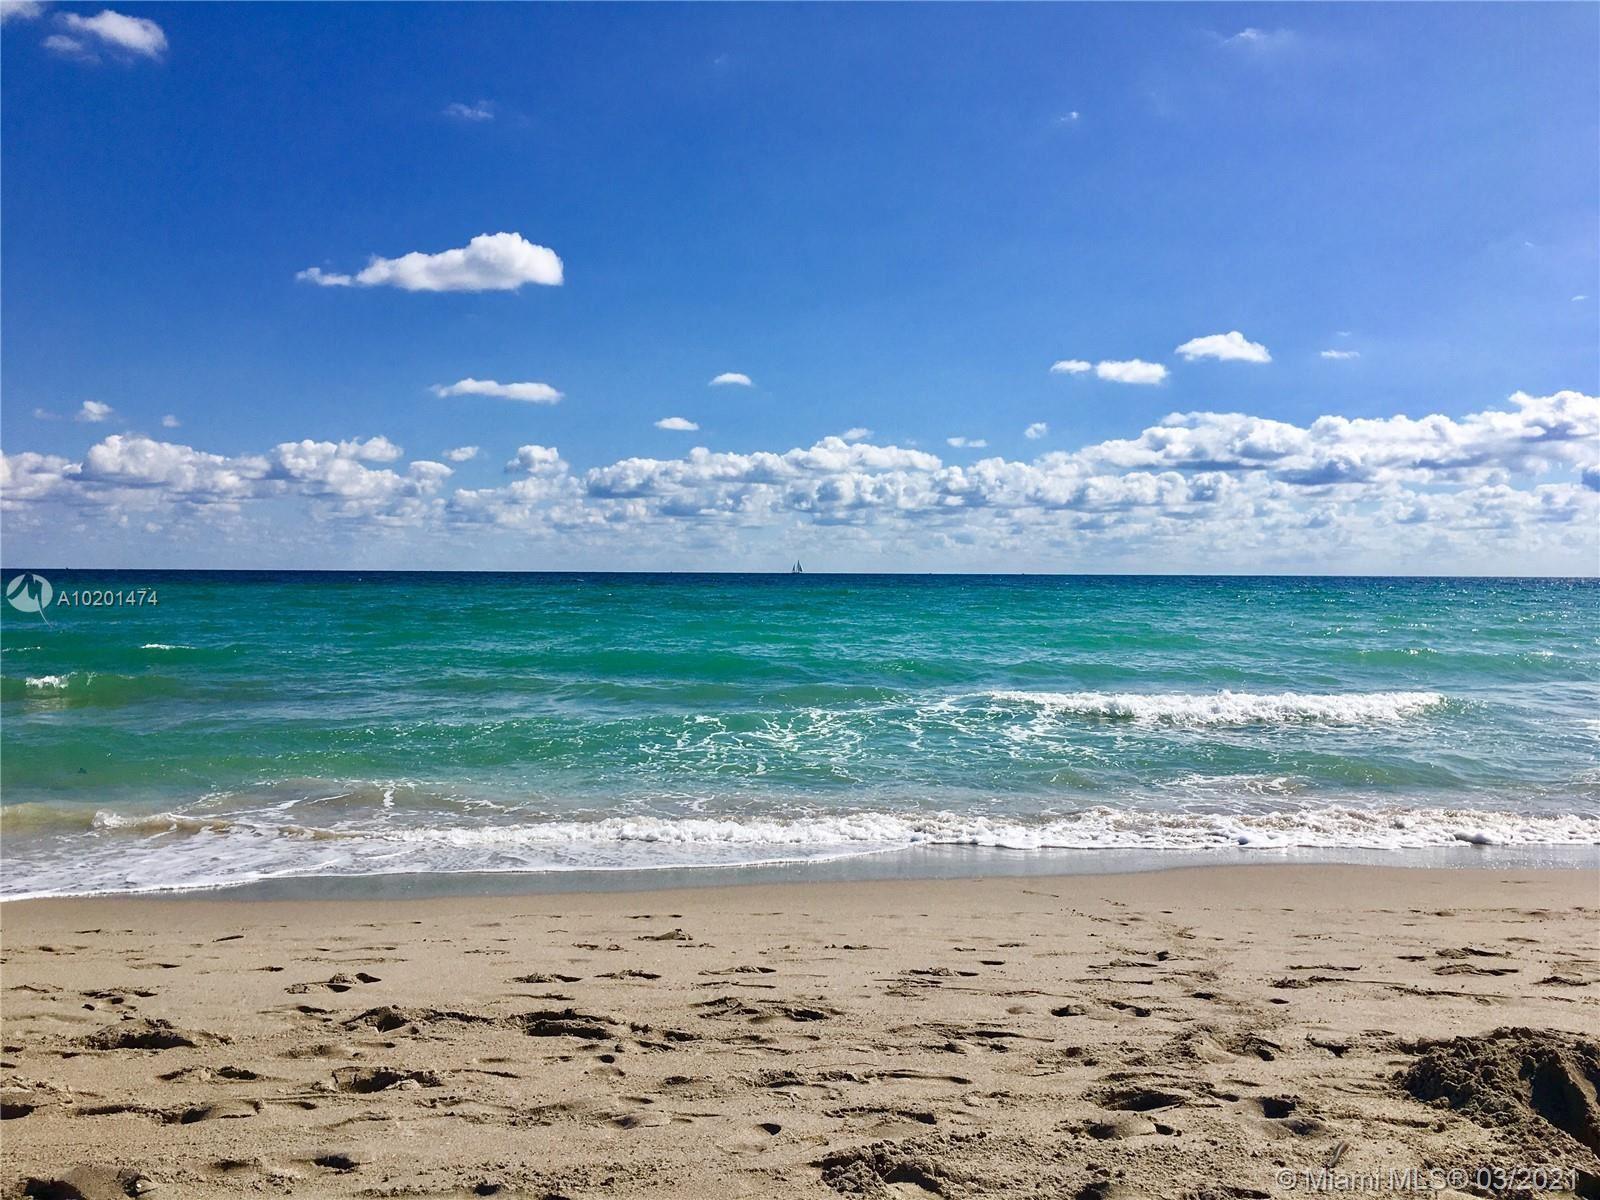 495 Ocean blvd, Golden Beach, FL 33160 - #: A10201474